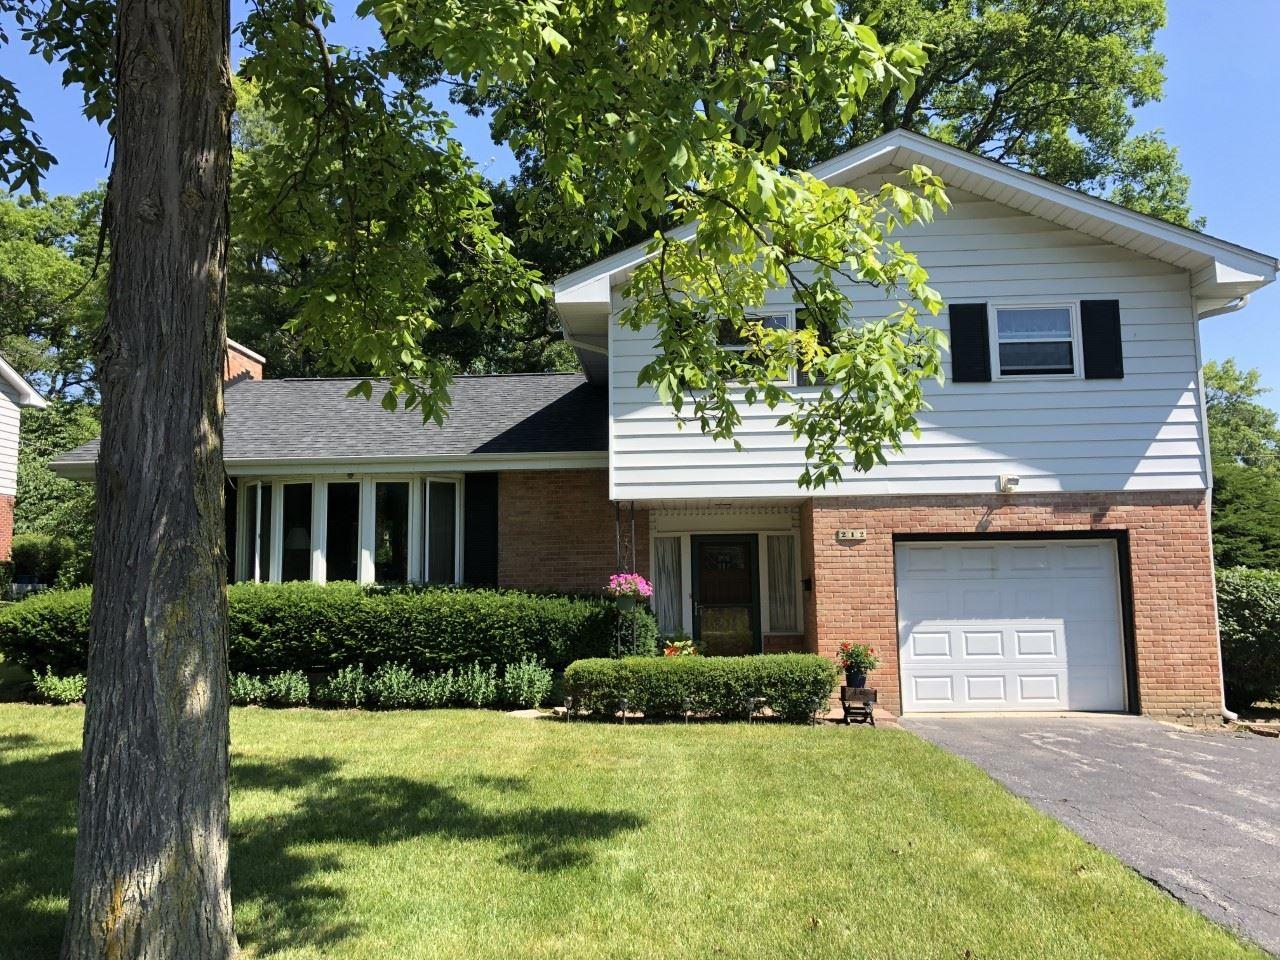 212 W Scranton Avenue, Lake Bluff, IL 60044 - #: 10802200